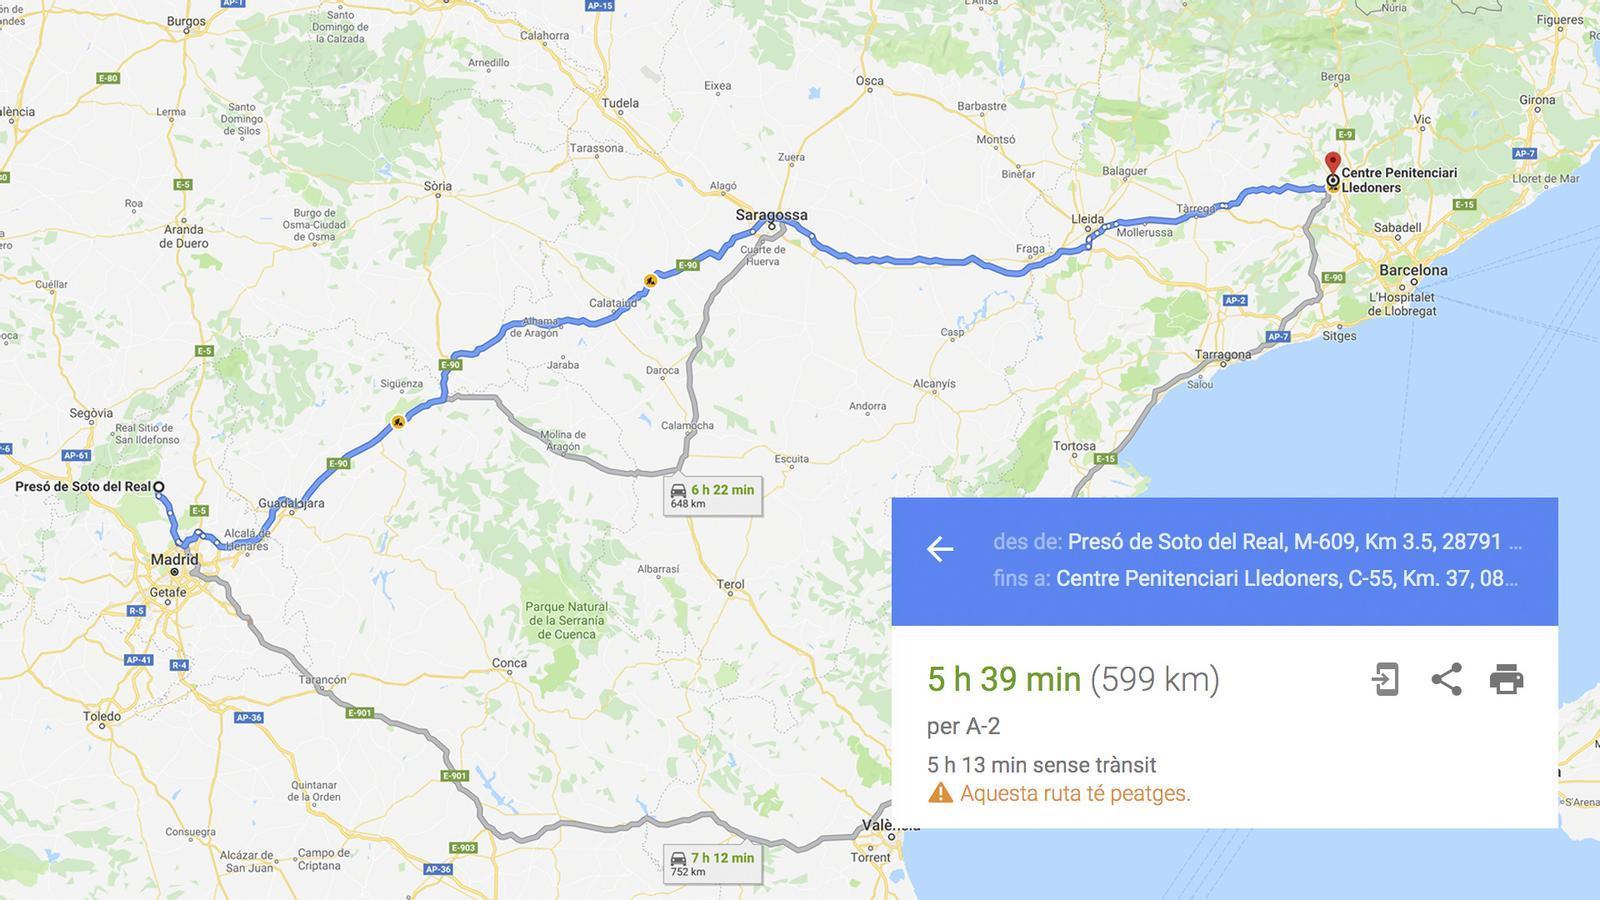 L'anàlisi d'Antoni Bassas: 'Tres dies per fer 600 quilòmetres, el viatge de la vergonya'